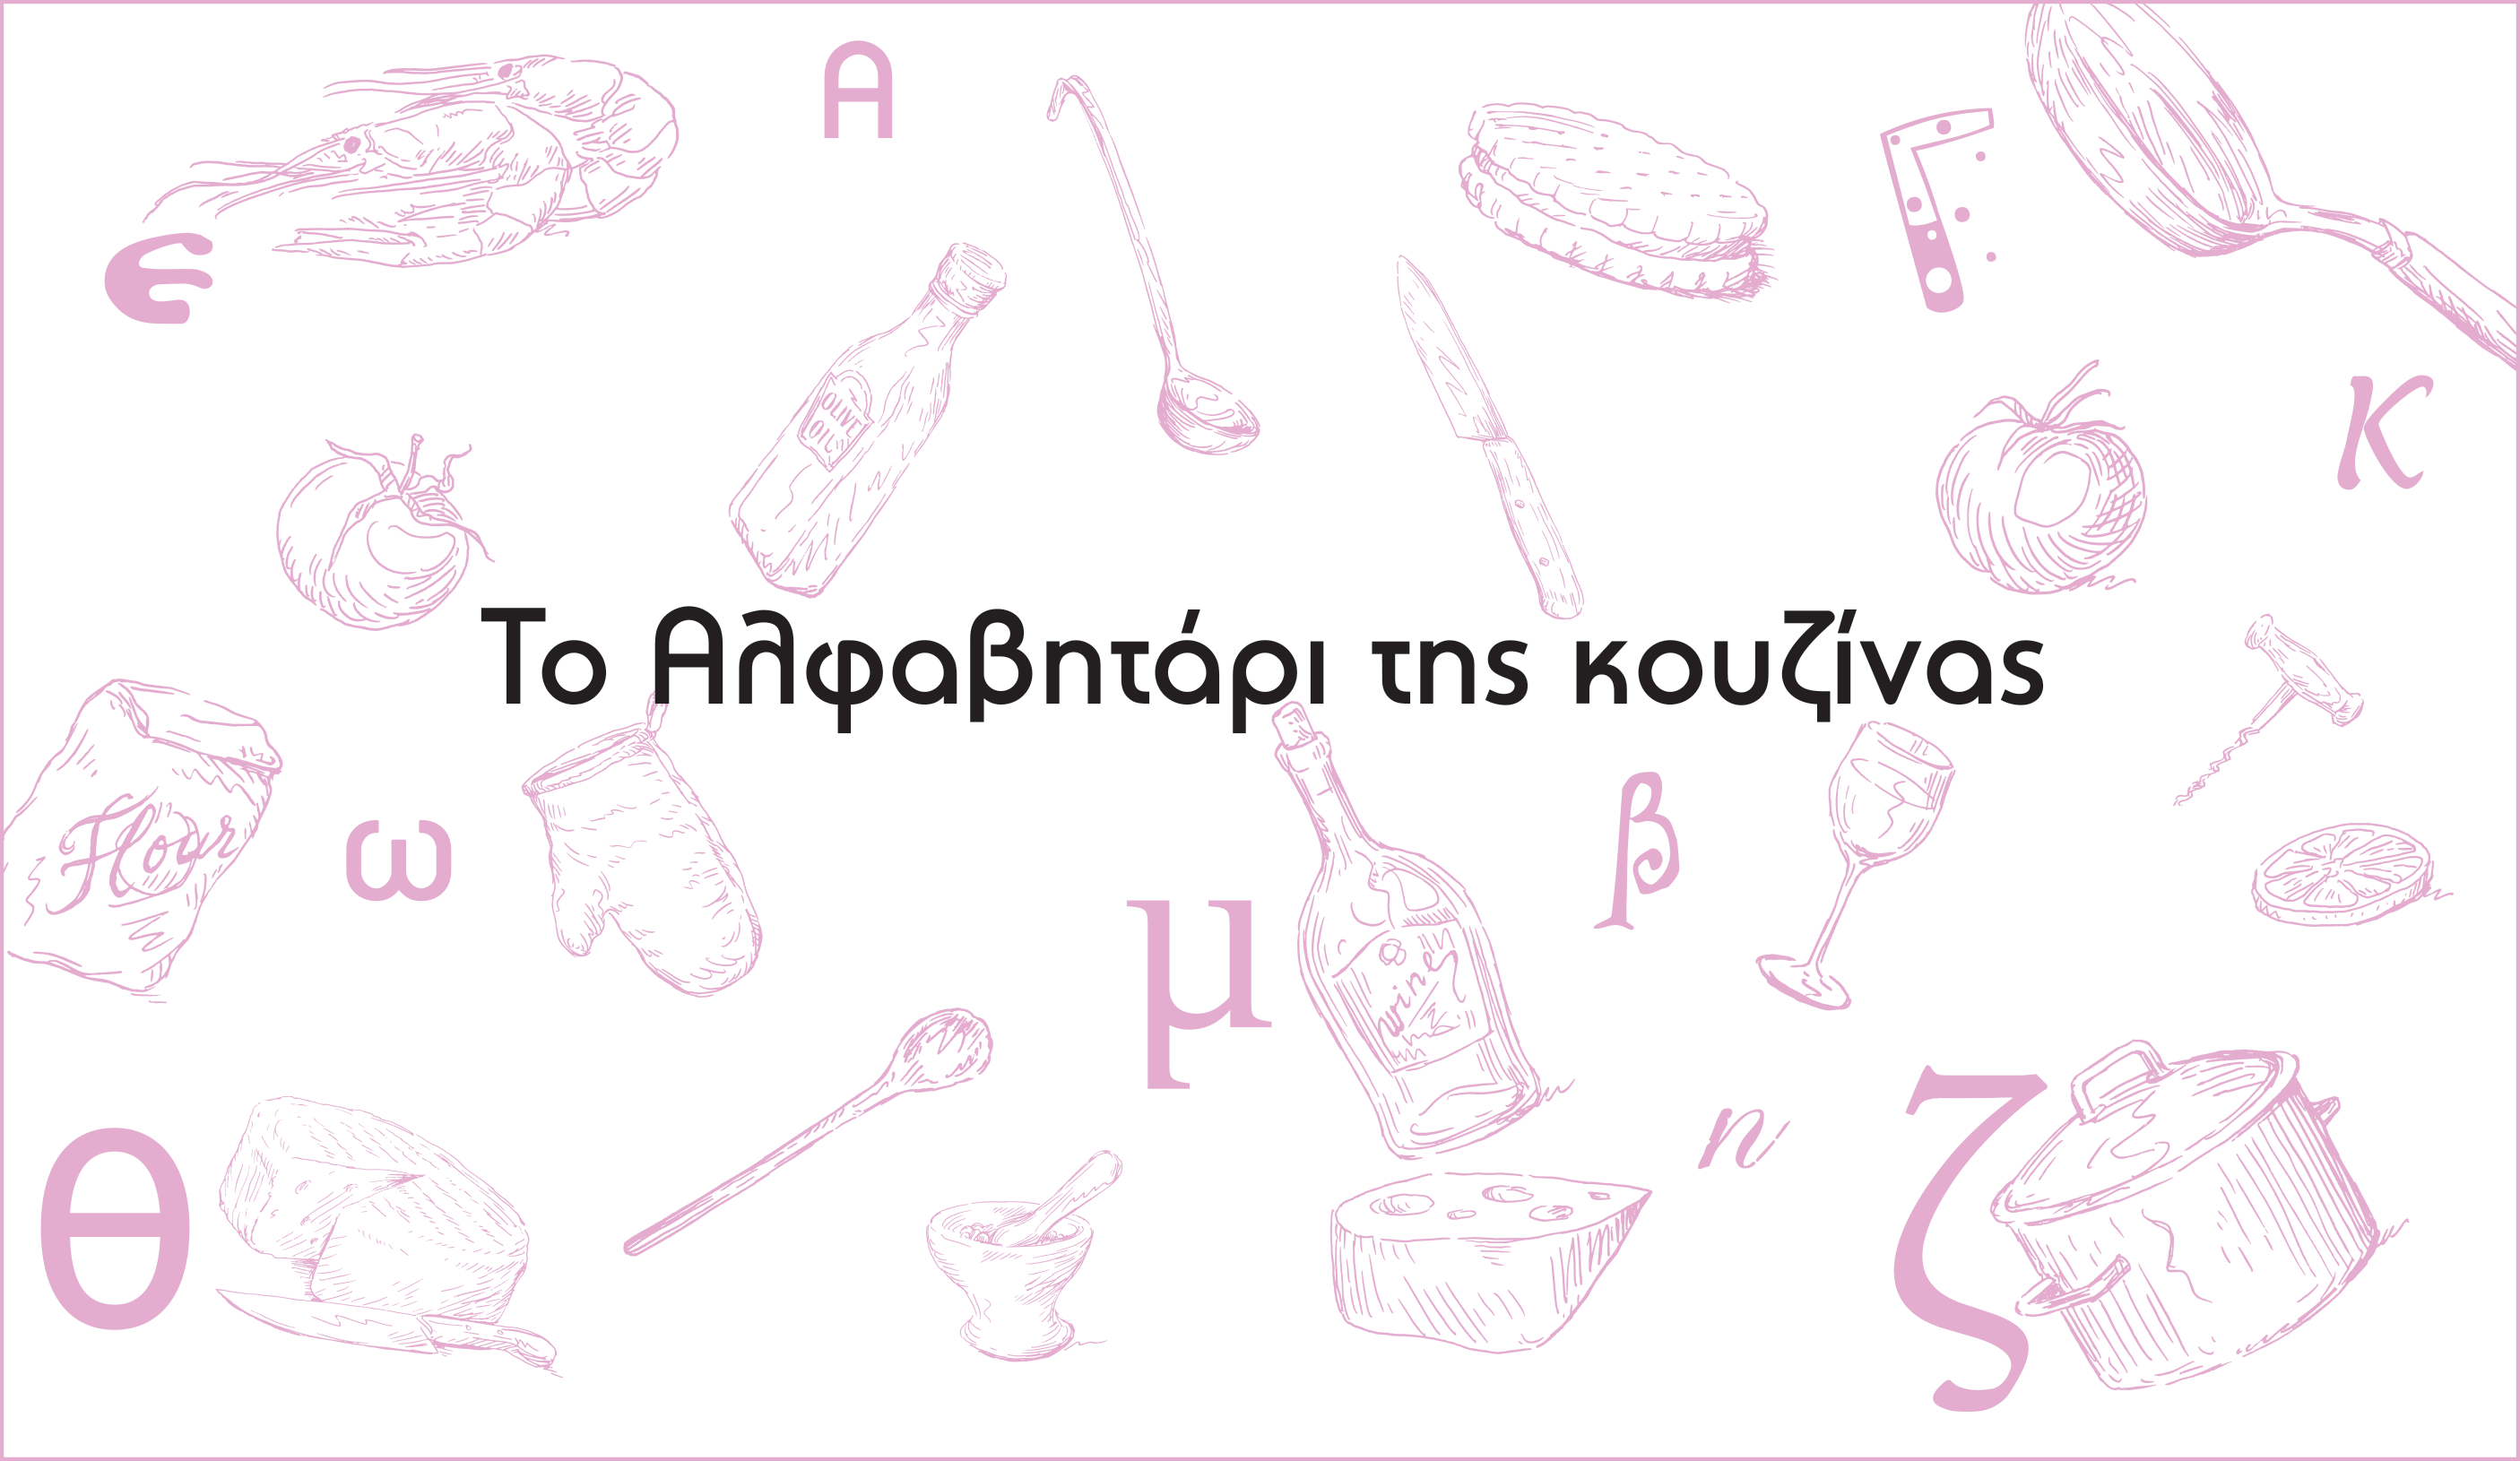 Το αλφαβητάρι της κουζίνας